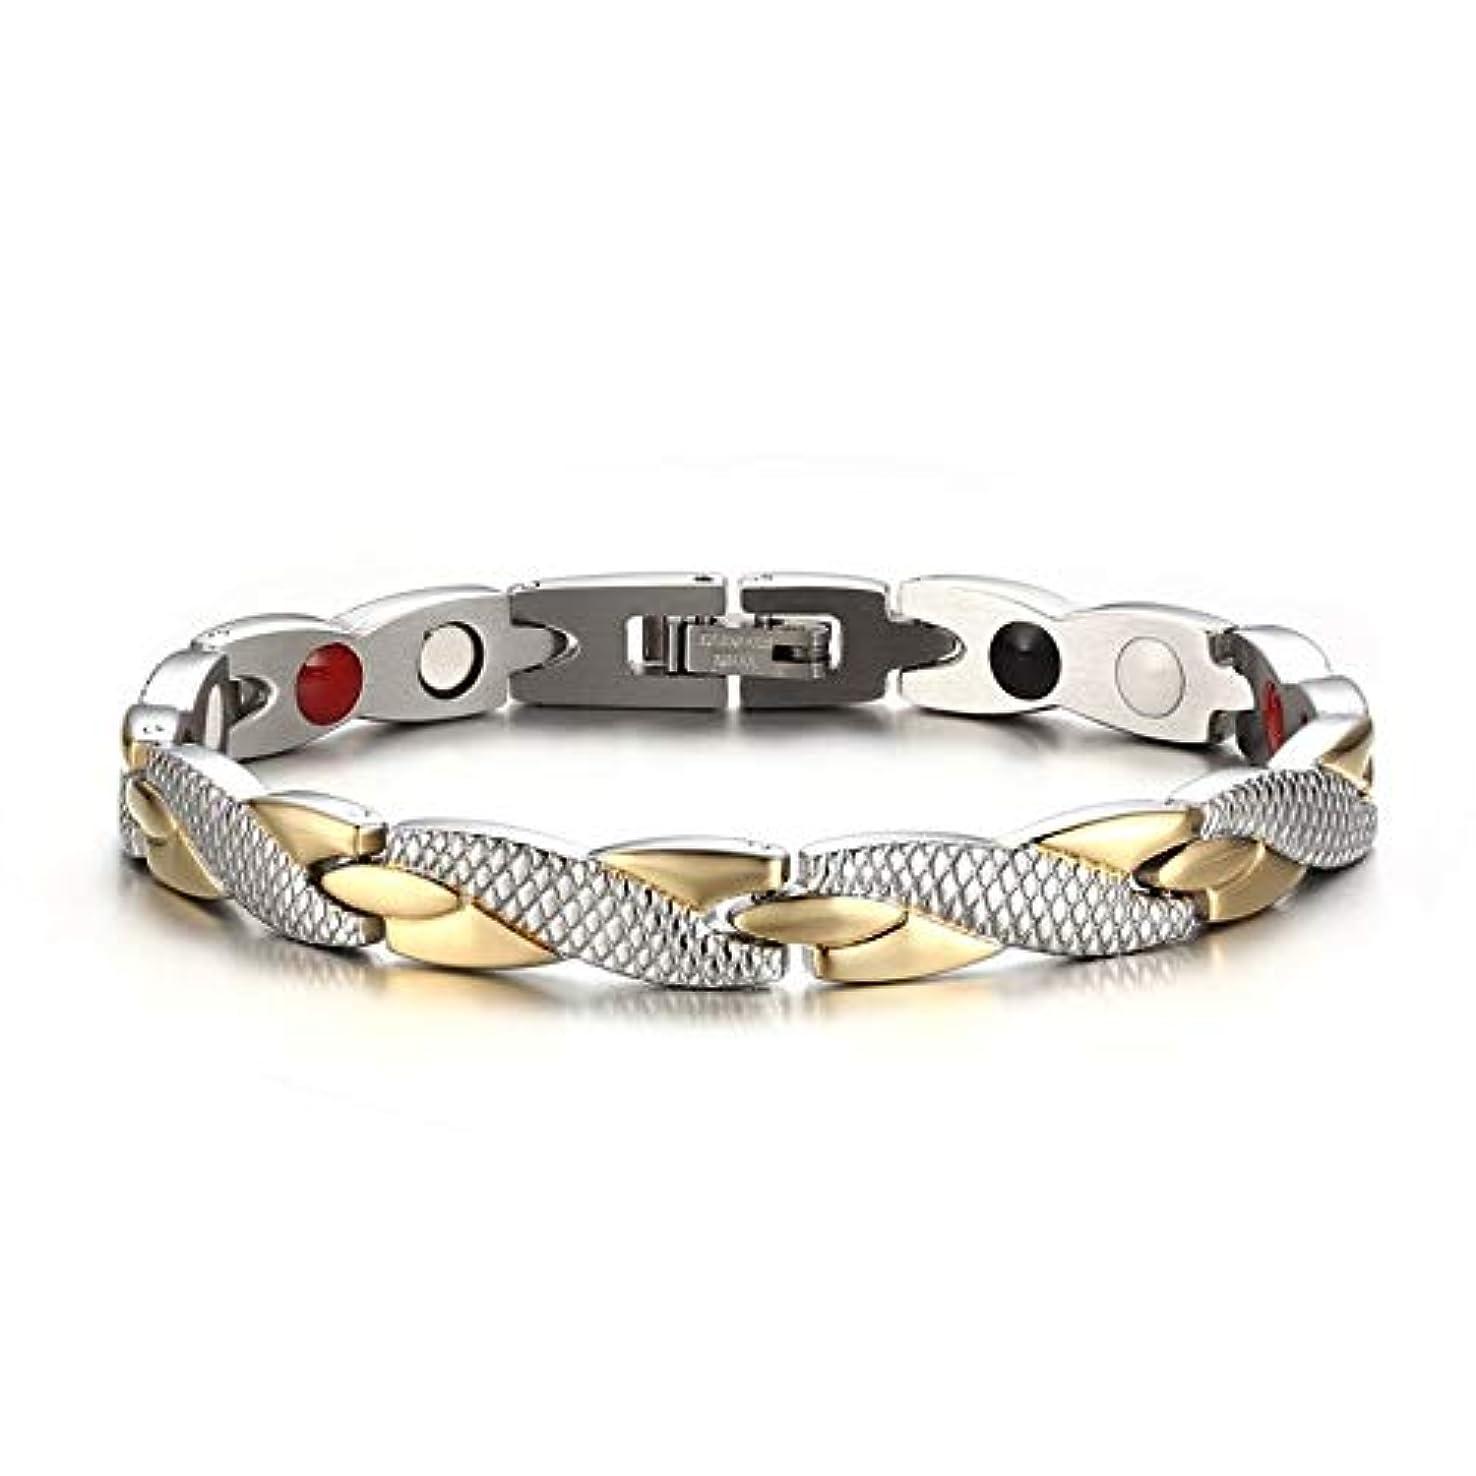 ゴミ自発回る人気のある磁気ヘルスケアチェーンブレスレットトレンディな魅力的なファッショナブルなジュエリー男性女性リンクチェーン装飾品すべての試合スタイル(Color:Gold & silver)